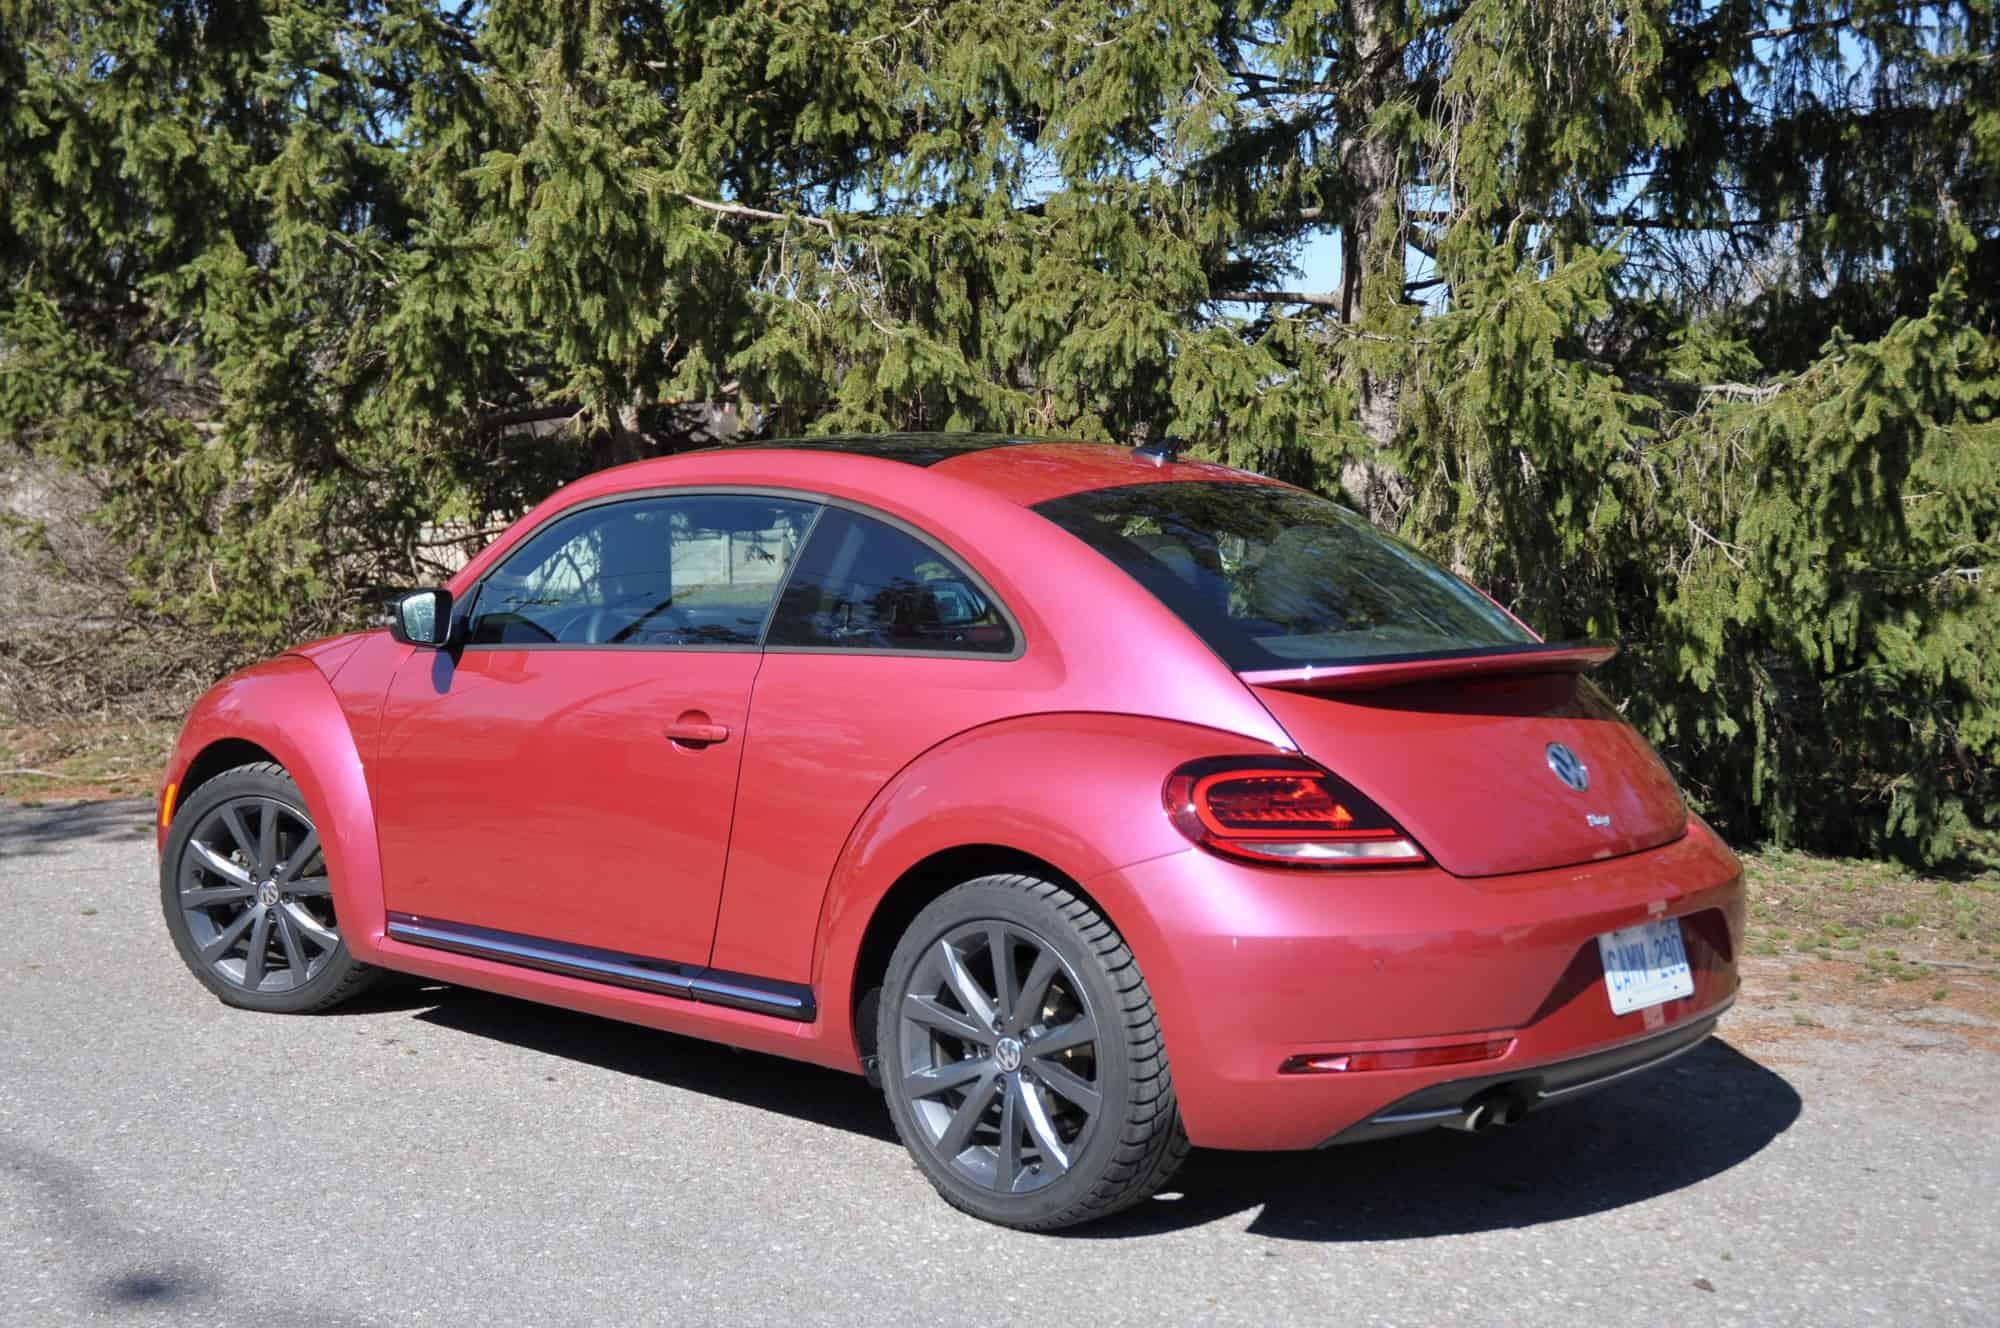 beetle new pin volkswagen pink convertible